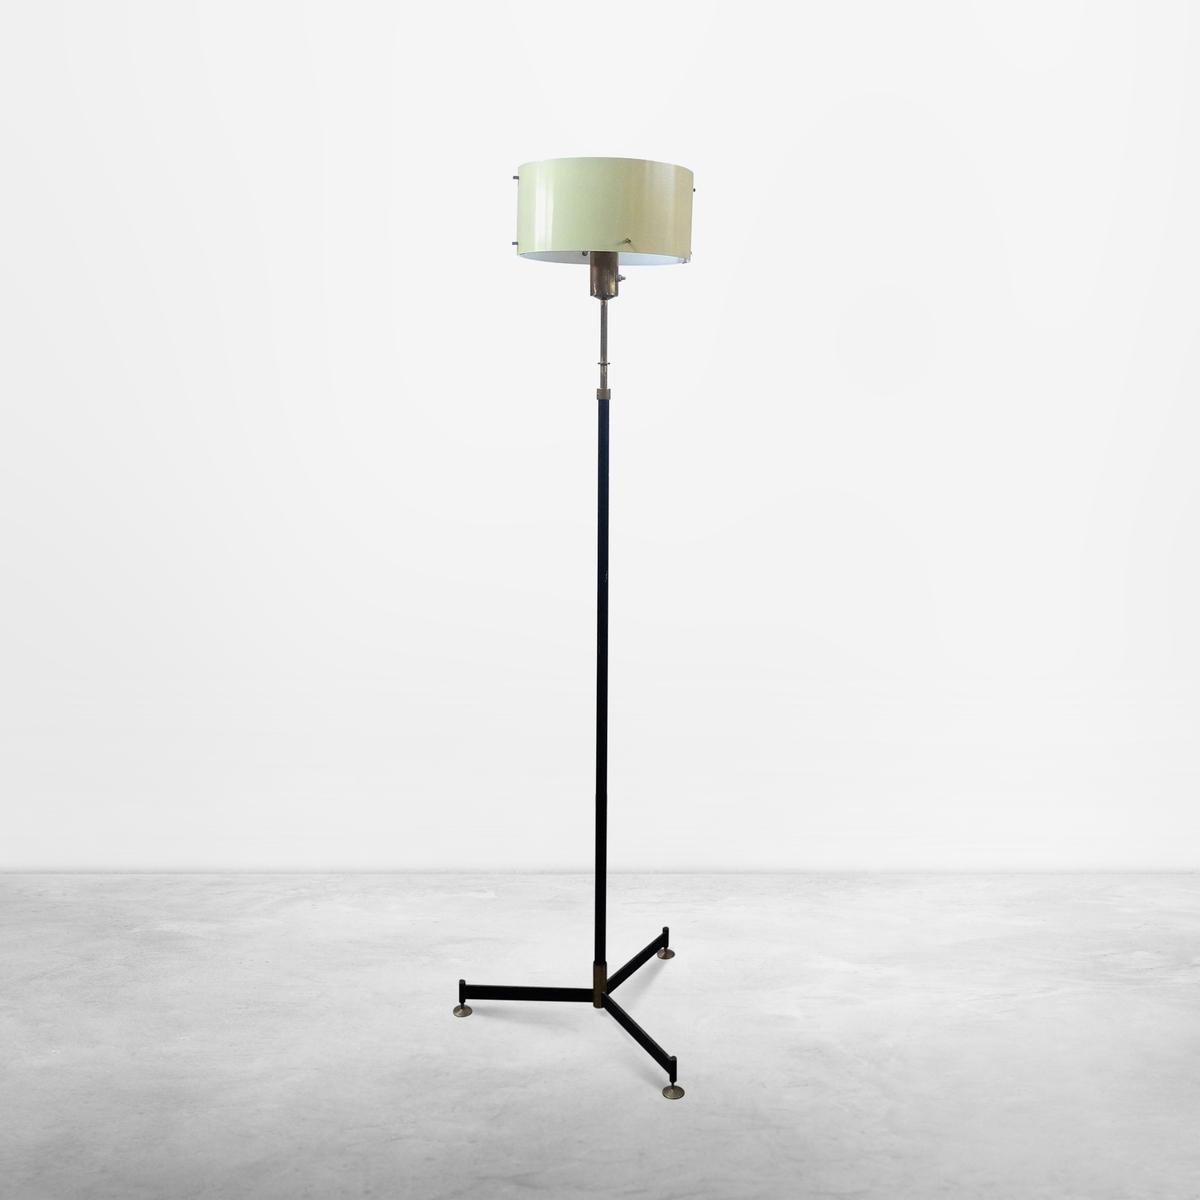 Italian Mid-Century Modern Floor Lamp with adjustable height, 1960s